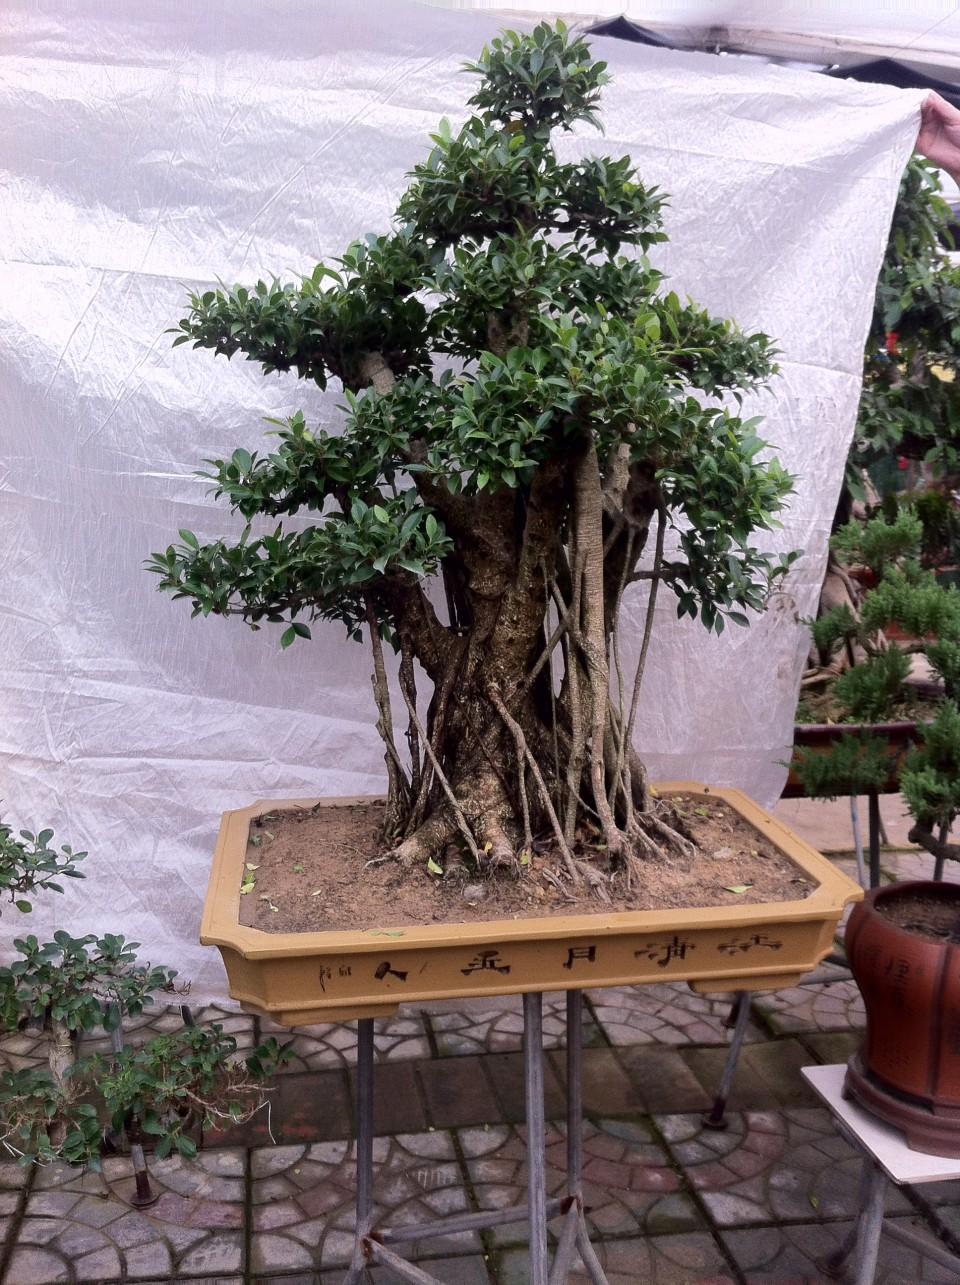 盆景榕树造型图片大全